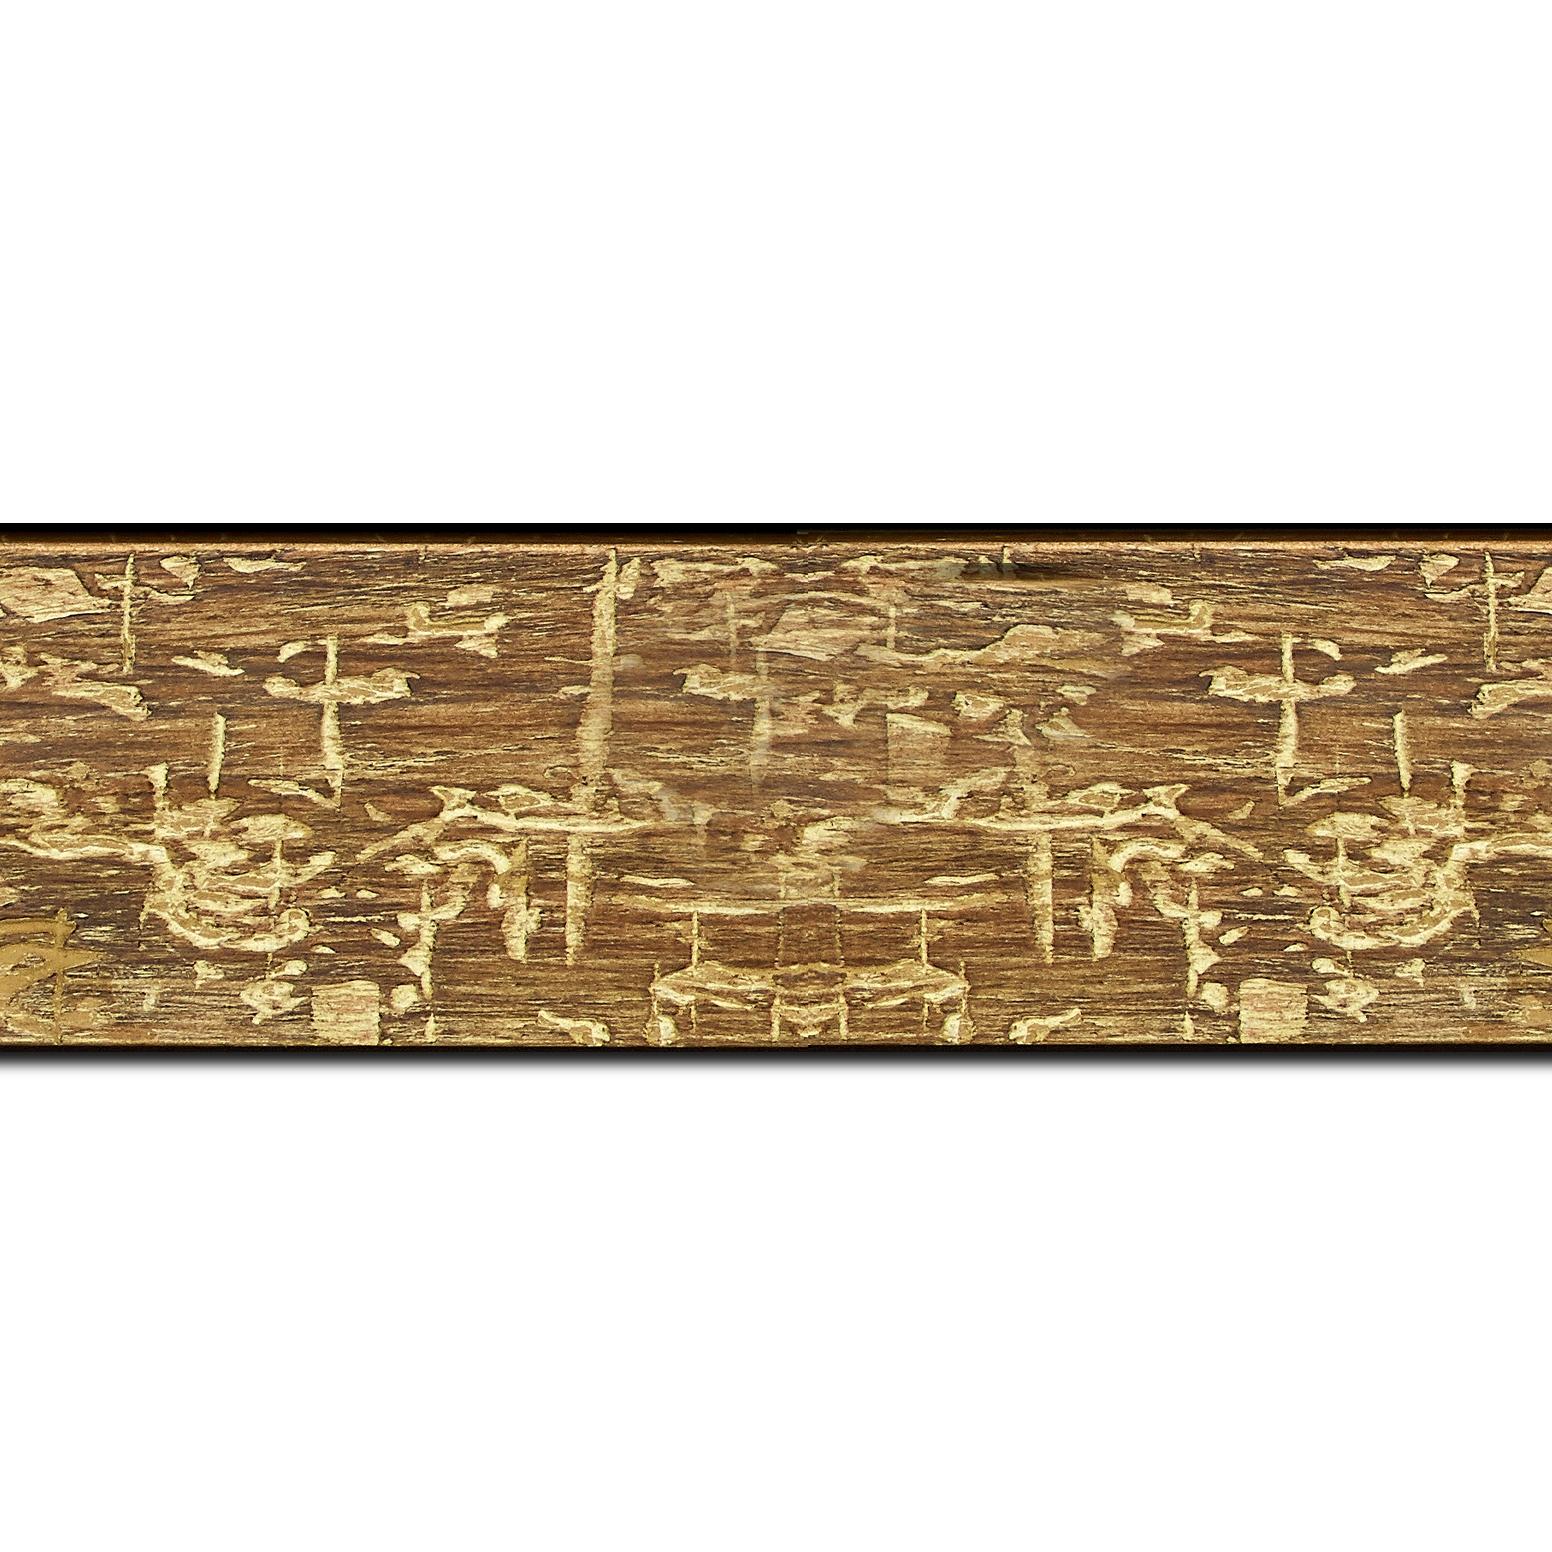 Pack par 12m, bois profil plat largeur 5cm couleur marron jauni finition bois brut aspect palette (longueur baguette pouvant varier entre 2.40m et 3m selon arrivage des bois)